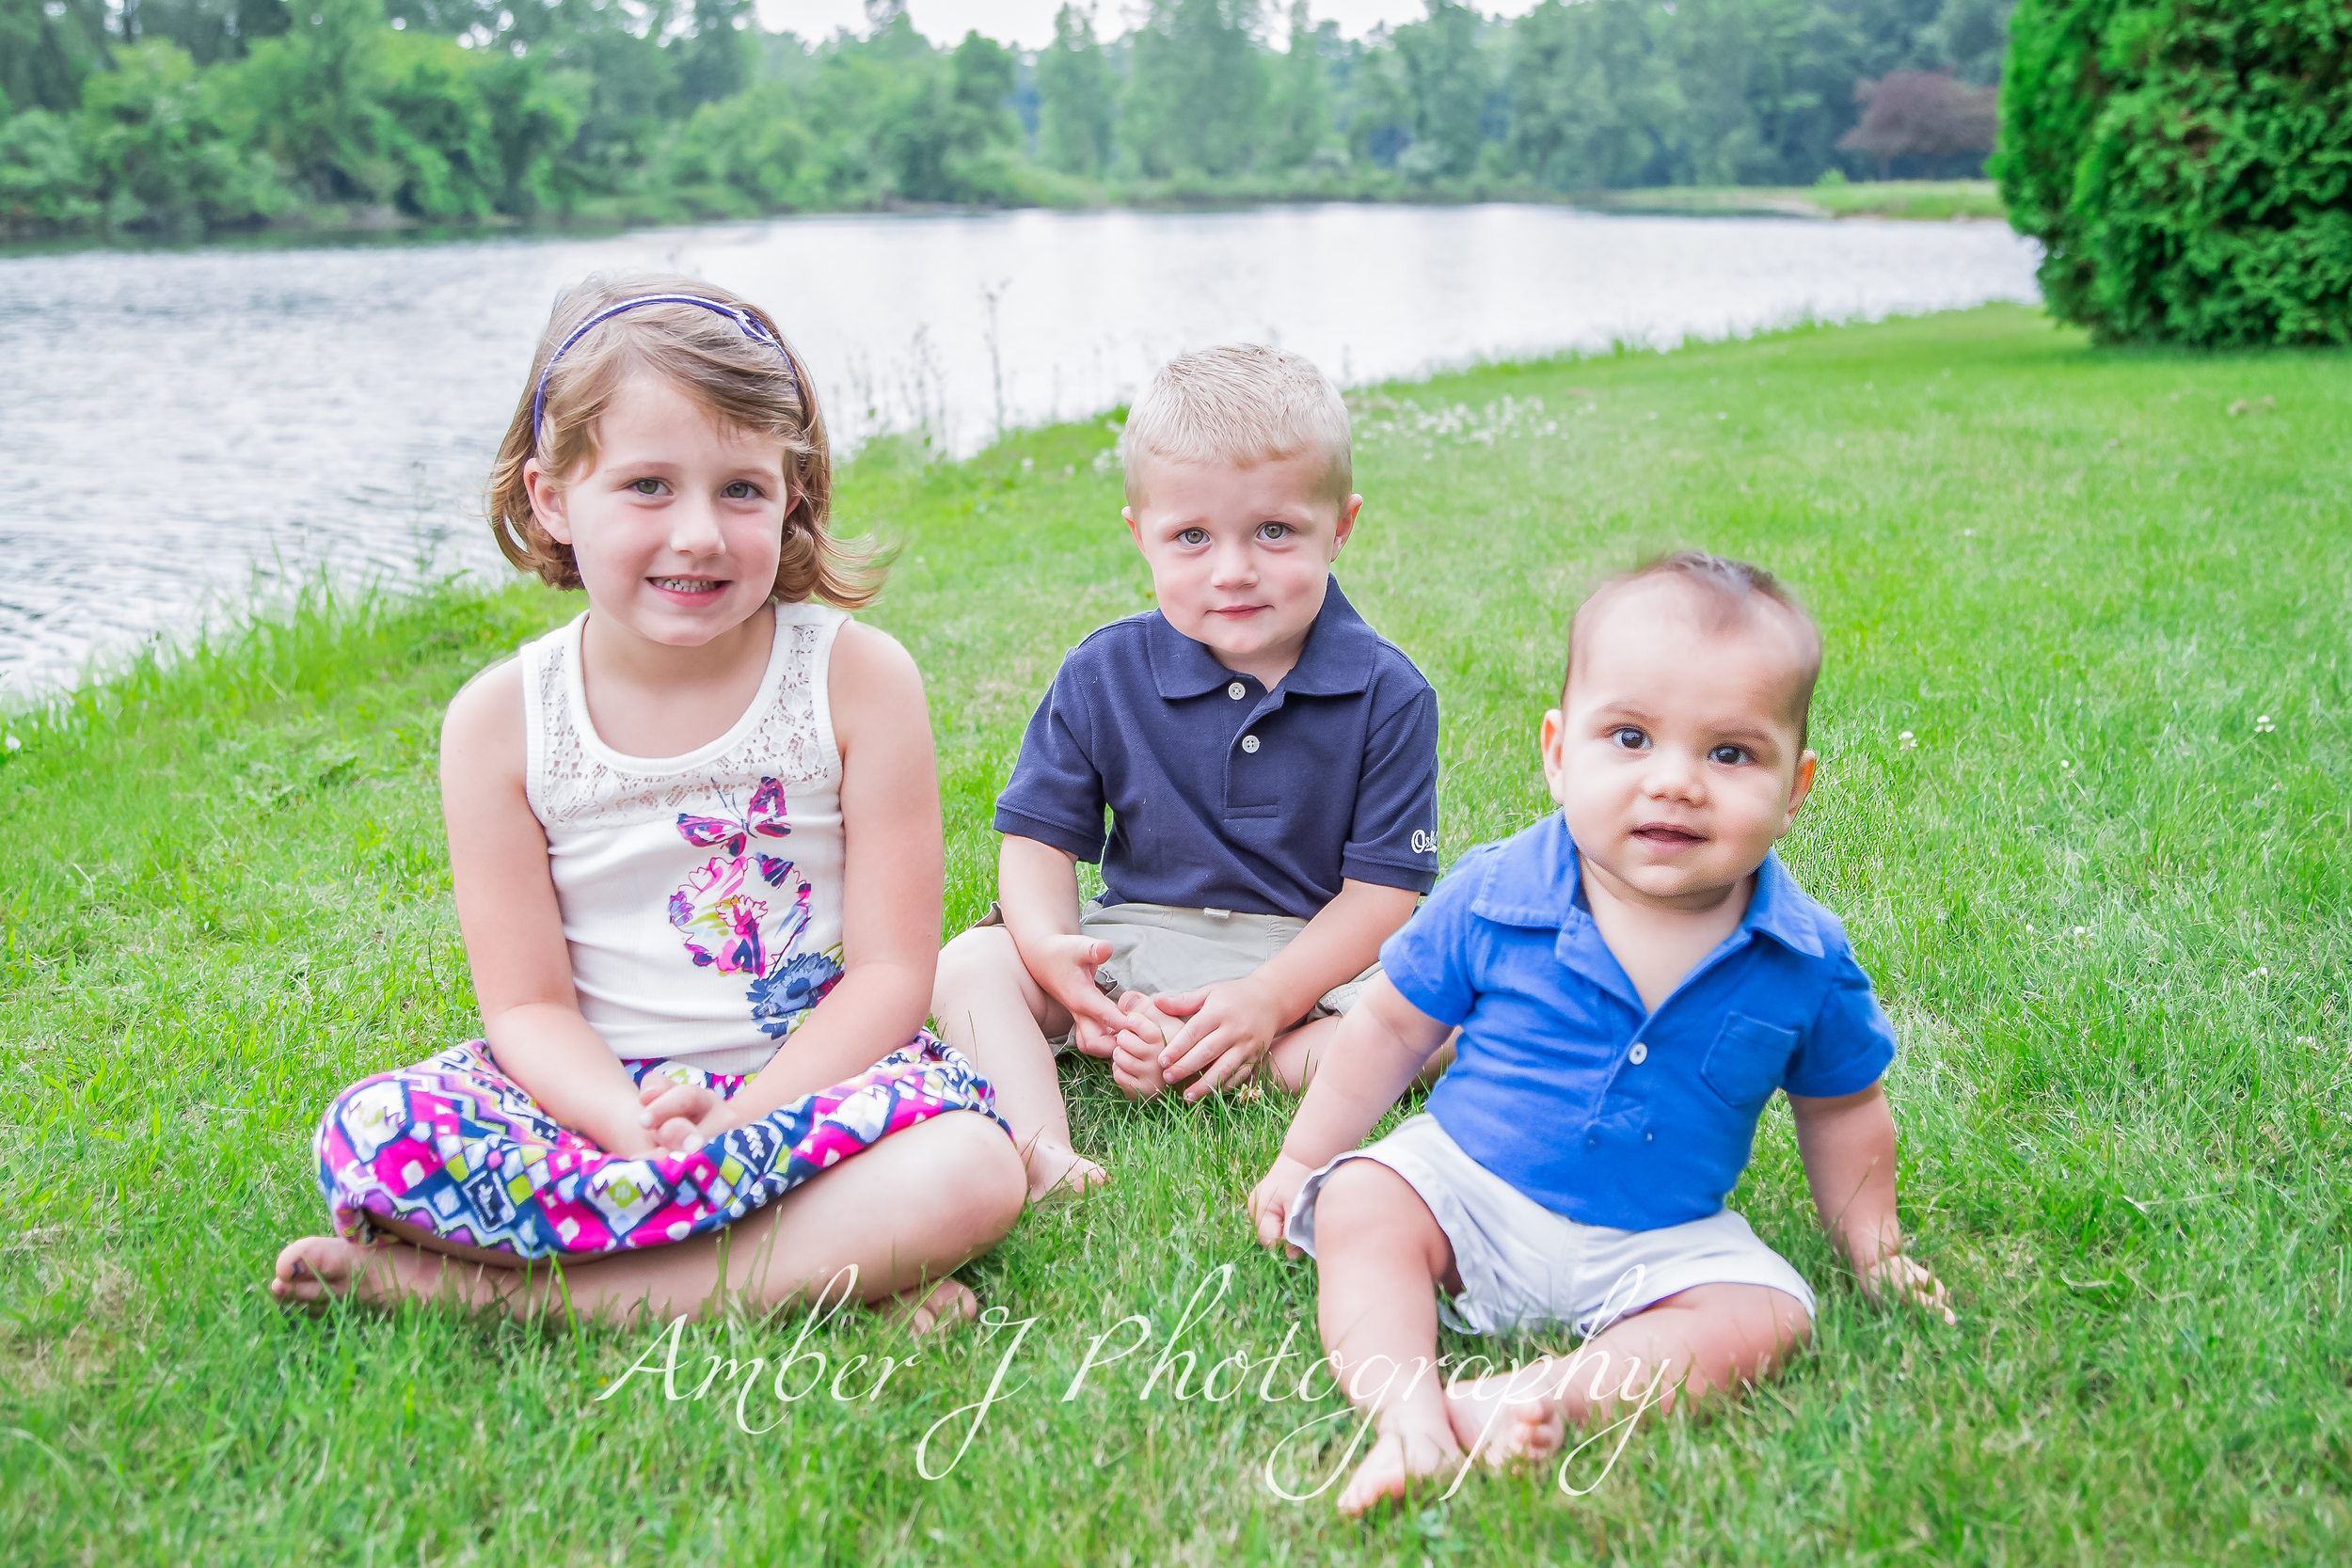 Burrfamily_amberjphotographyblog_03.jpg